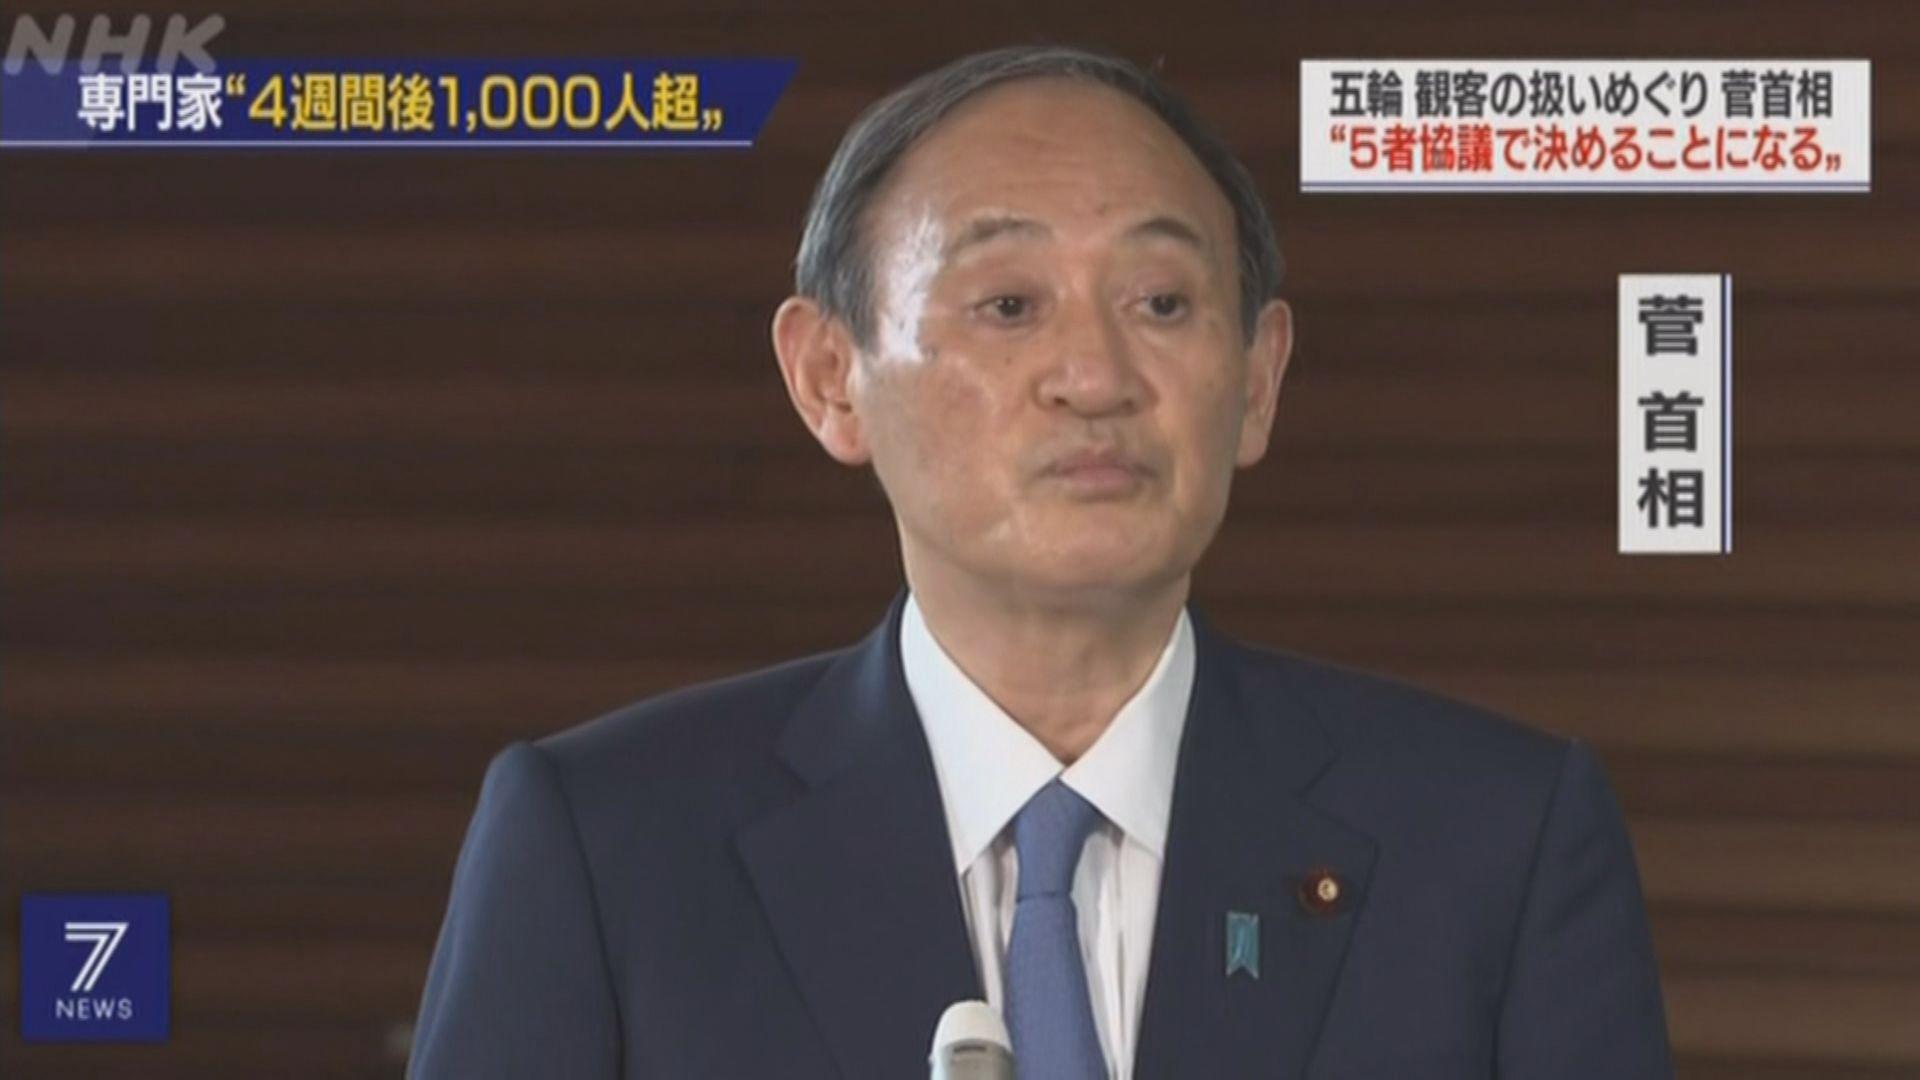 日本增673宗確診 專家警告Delta病毒引發疫情或會擴大